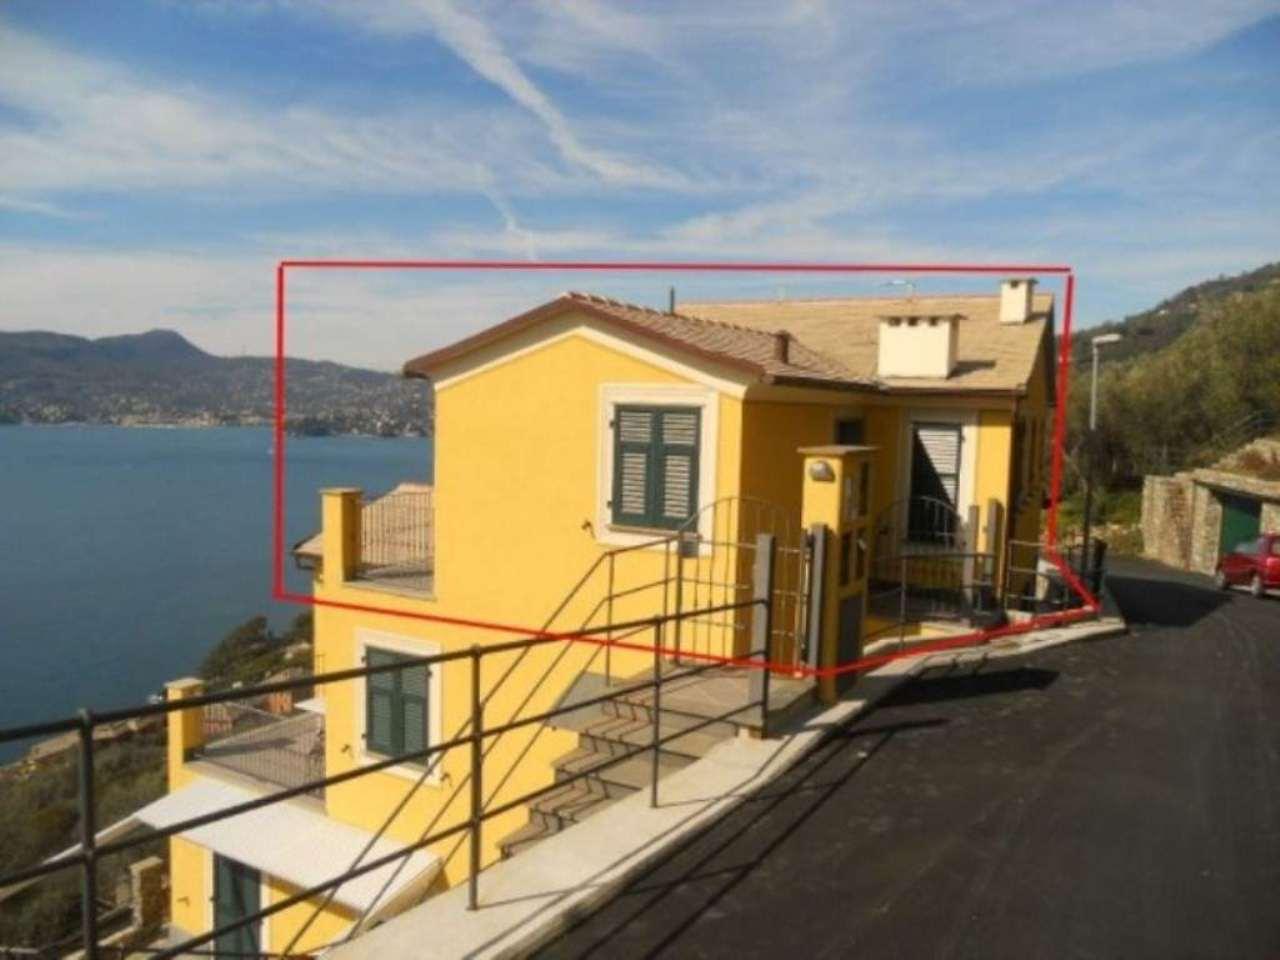 Attico / Mansarda in vendita a Zoagli, 6 locali, prezzo € 560.000 | Cambio Casa.it